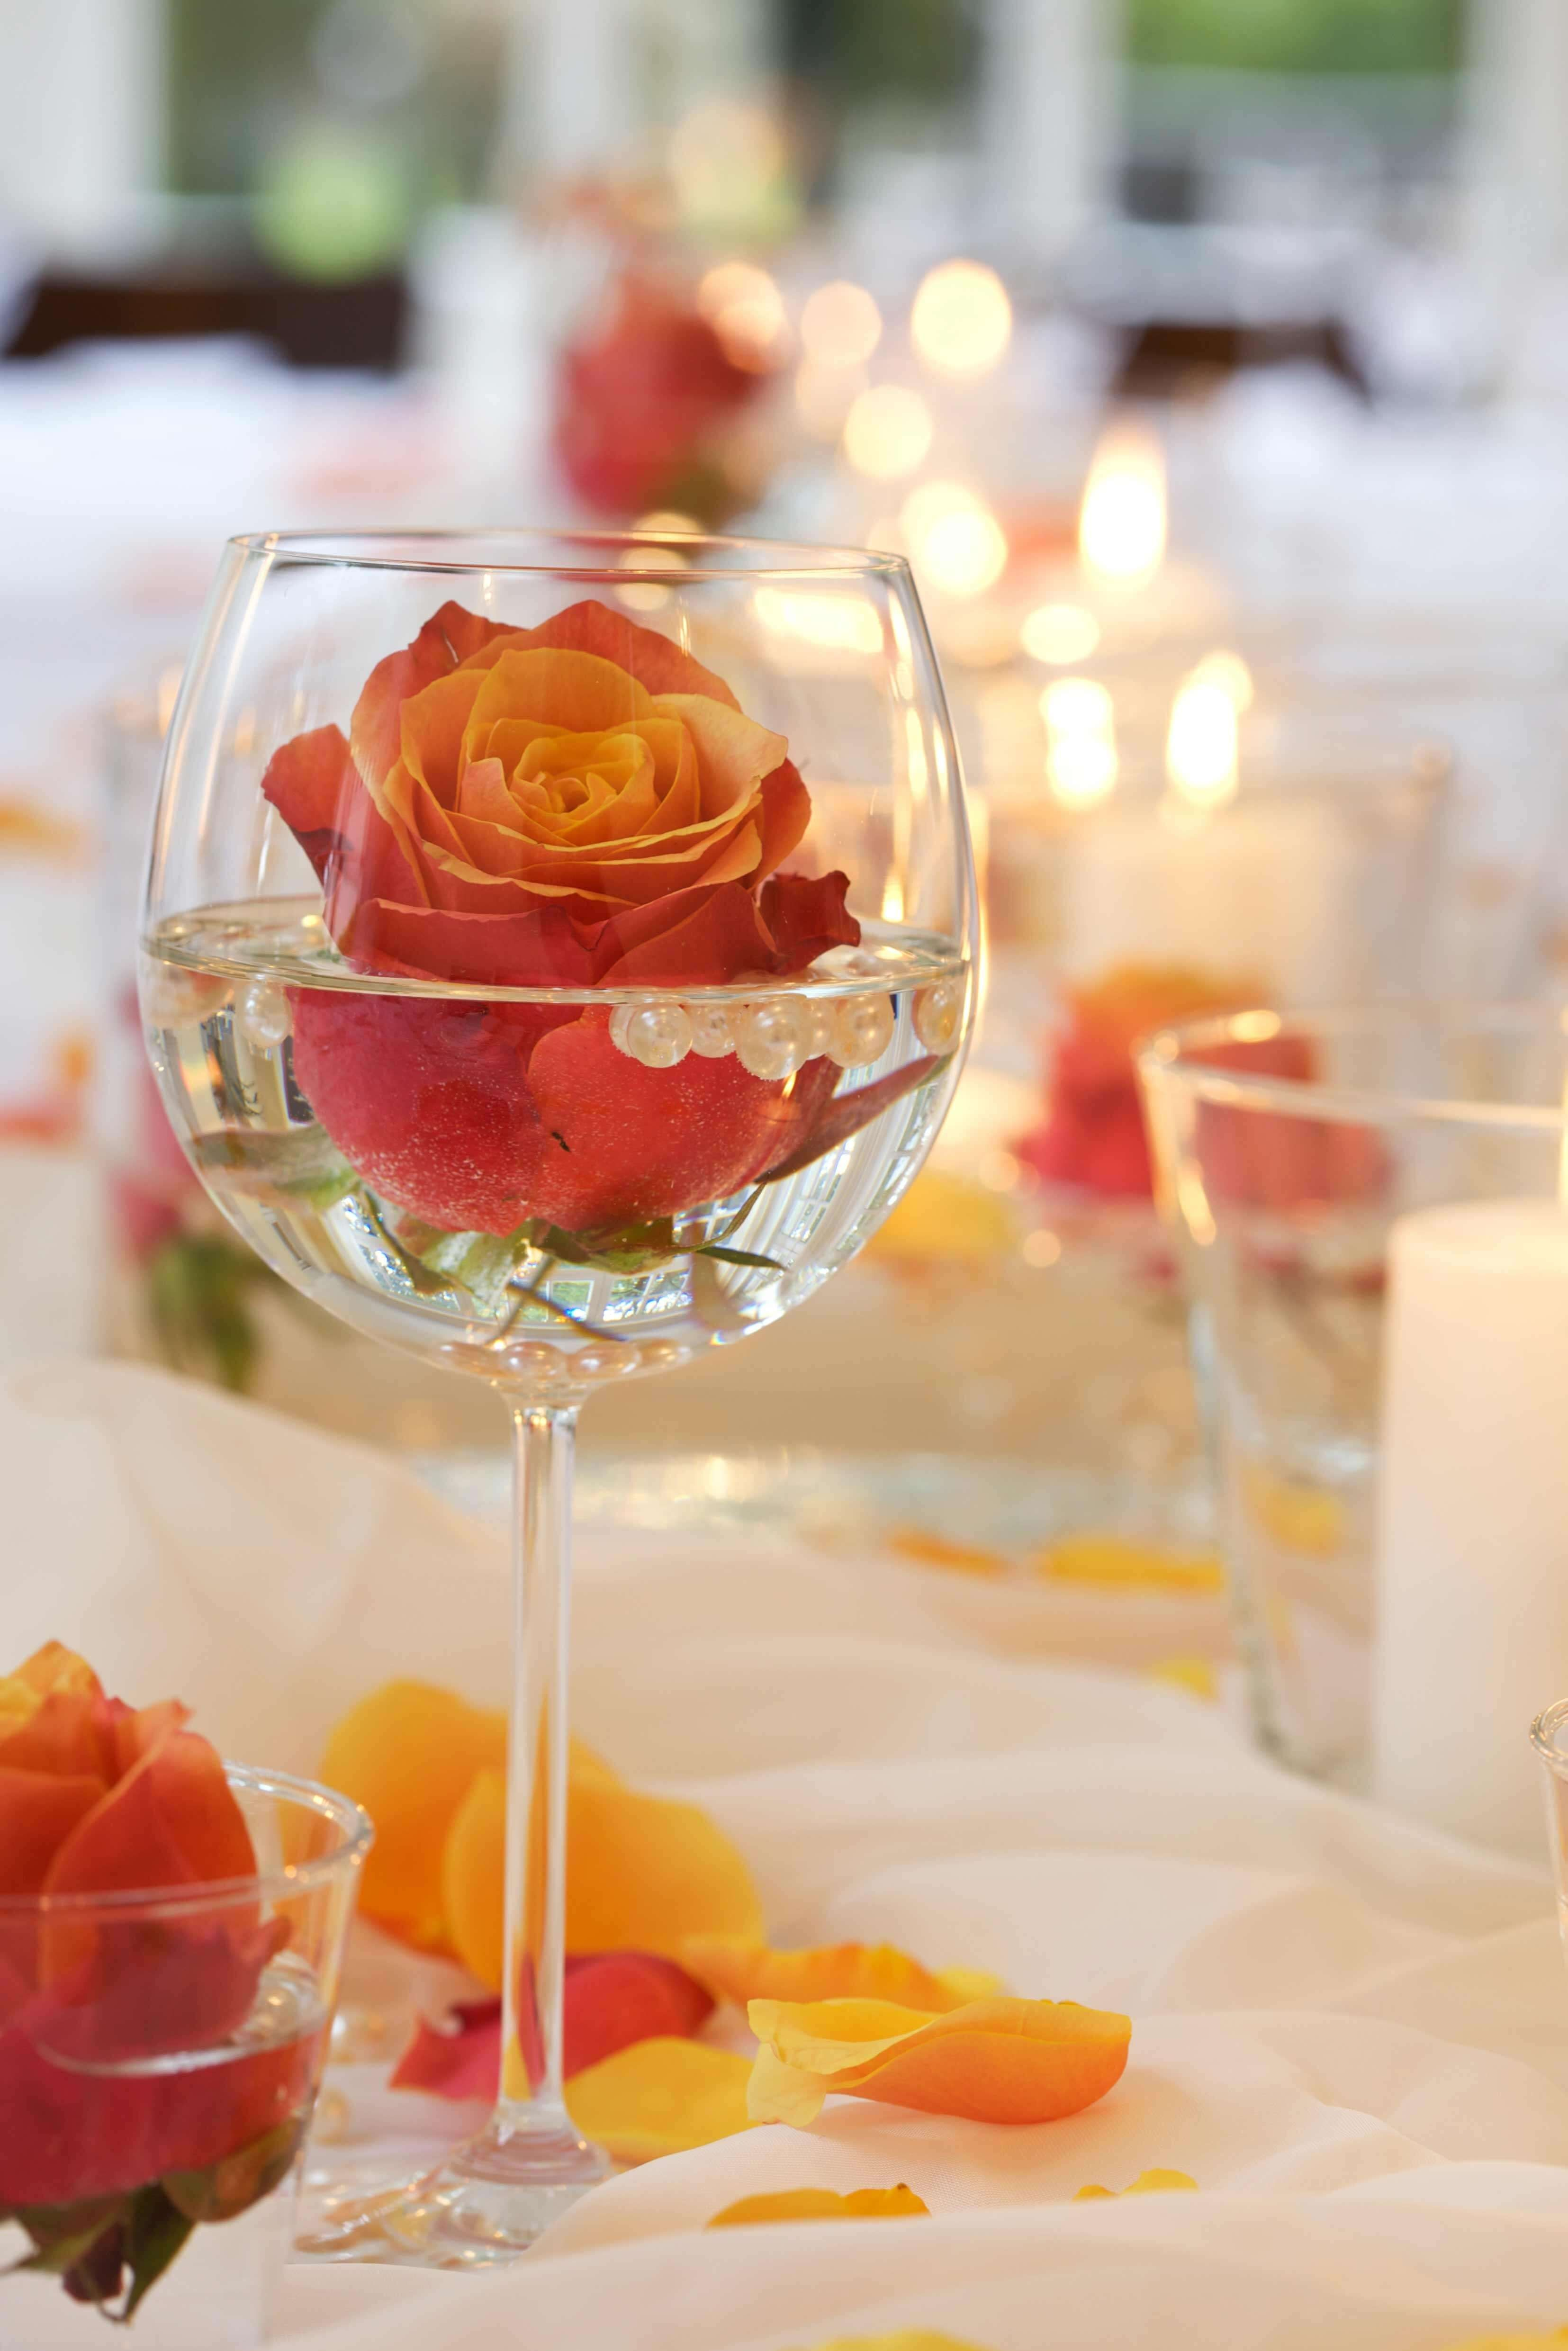 39 Genial Tischdeko Hochzeit Einfach Tischdekoration Hochzeit